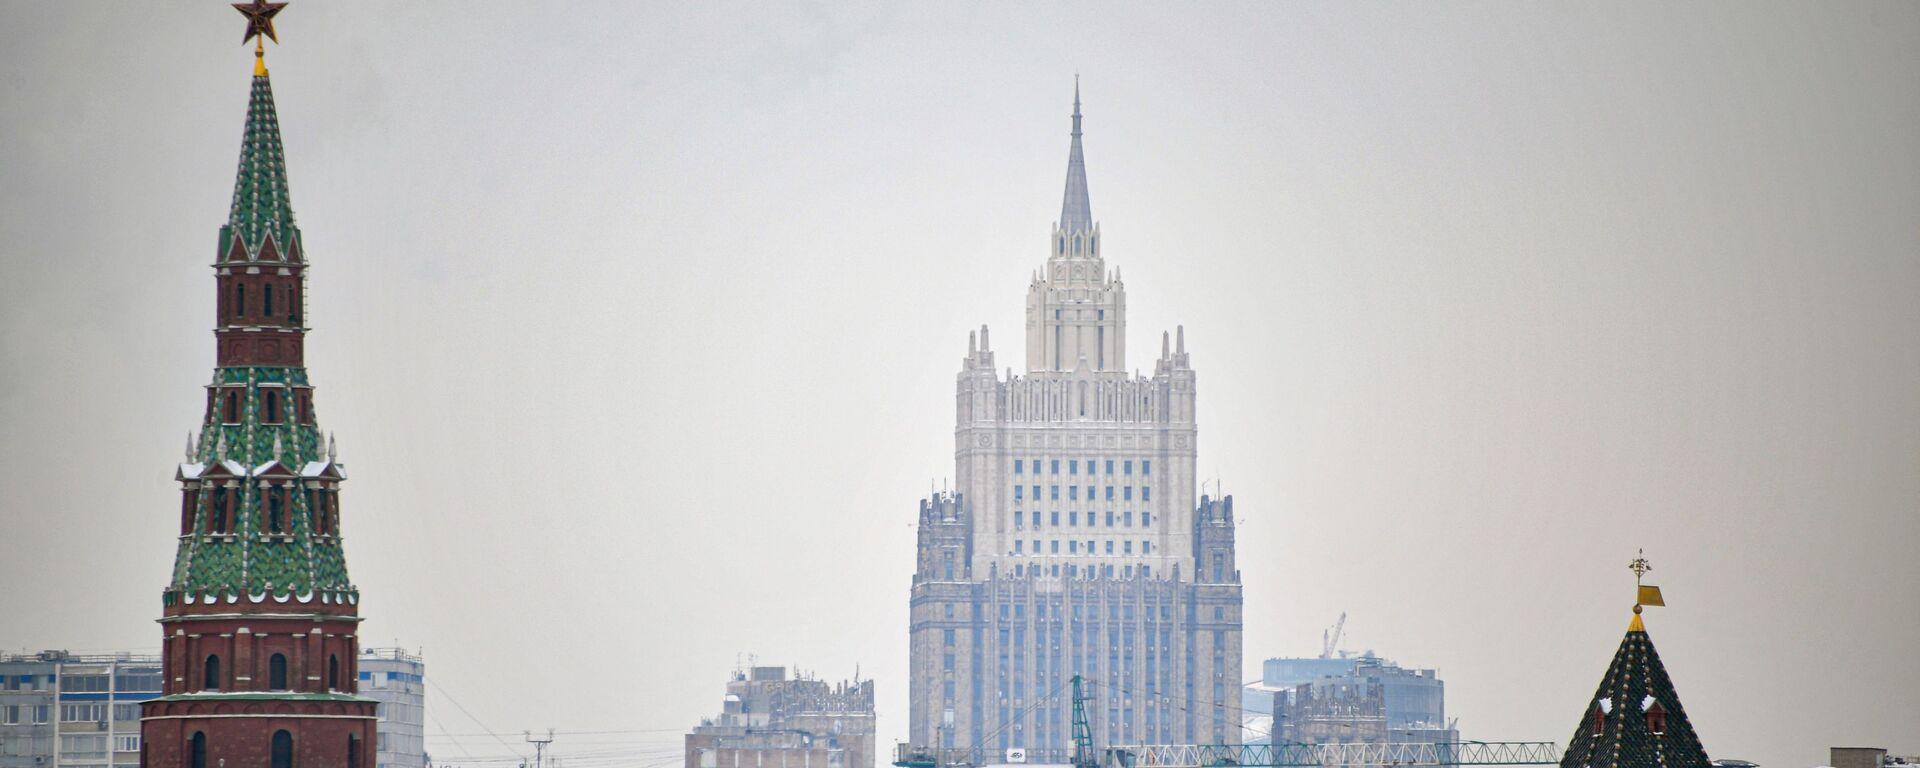 Москва, Кремљ, зграда Министарства спољних послова Русије - Sputnik Србија, 1920, 02.03.2021